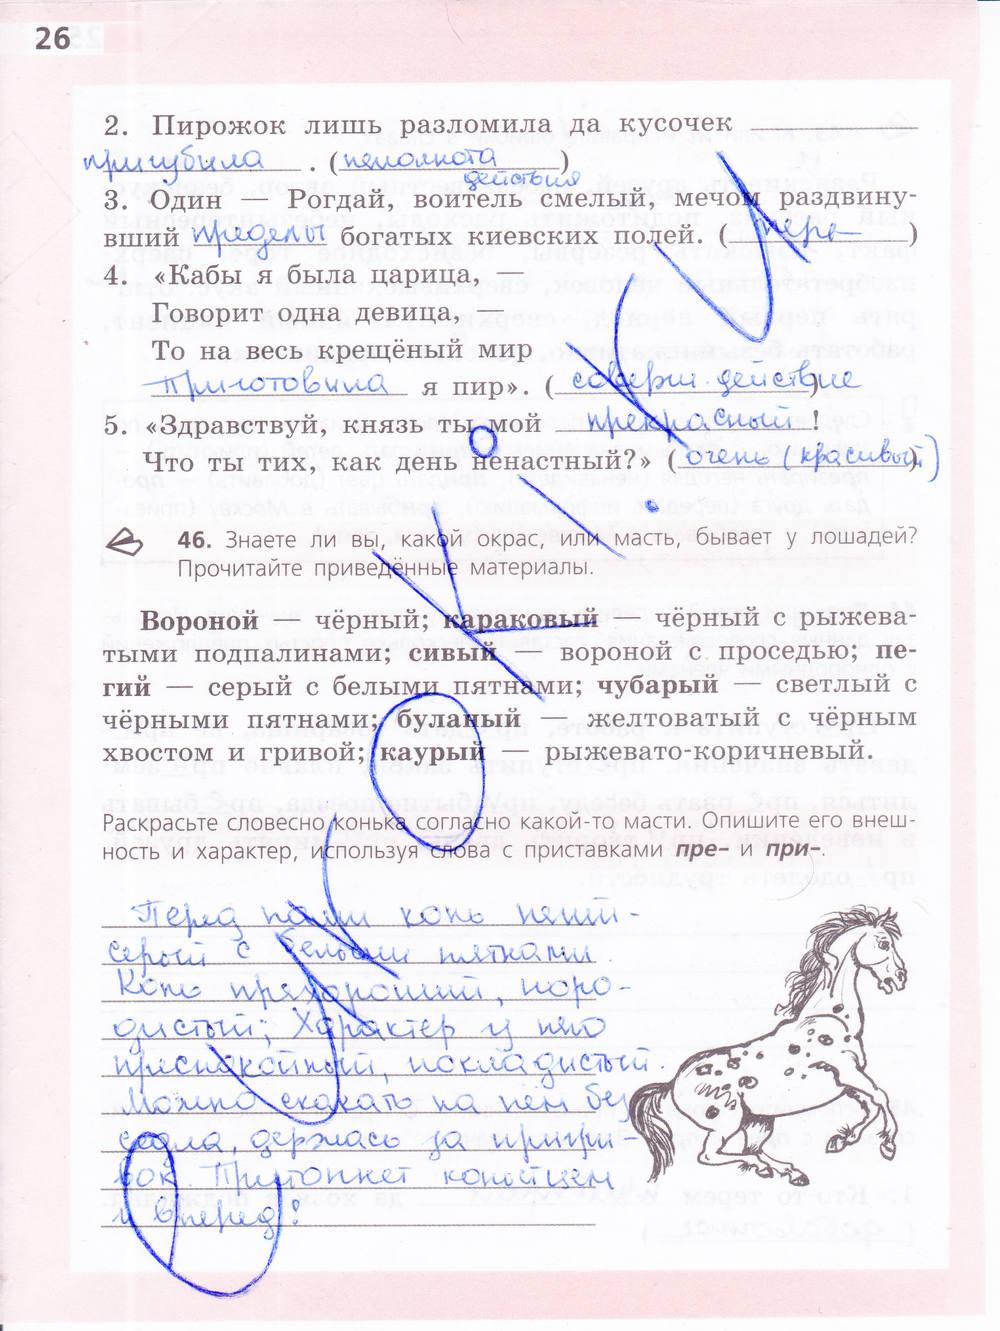 русскому ответы ефремова рабочая тетрадь класс решебник ответы 6 по языку